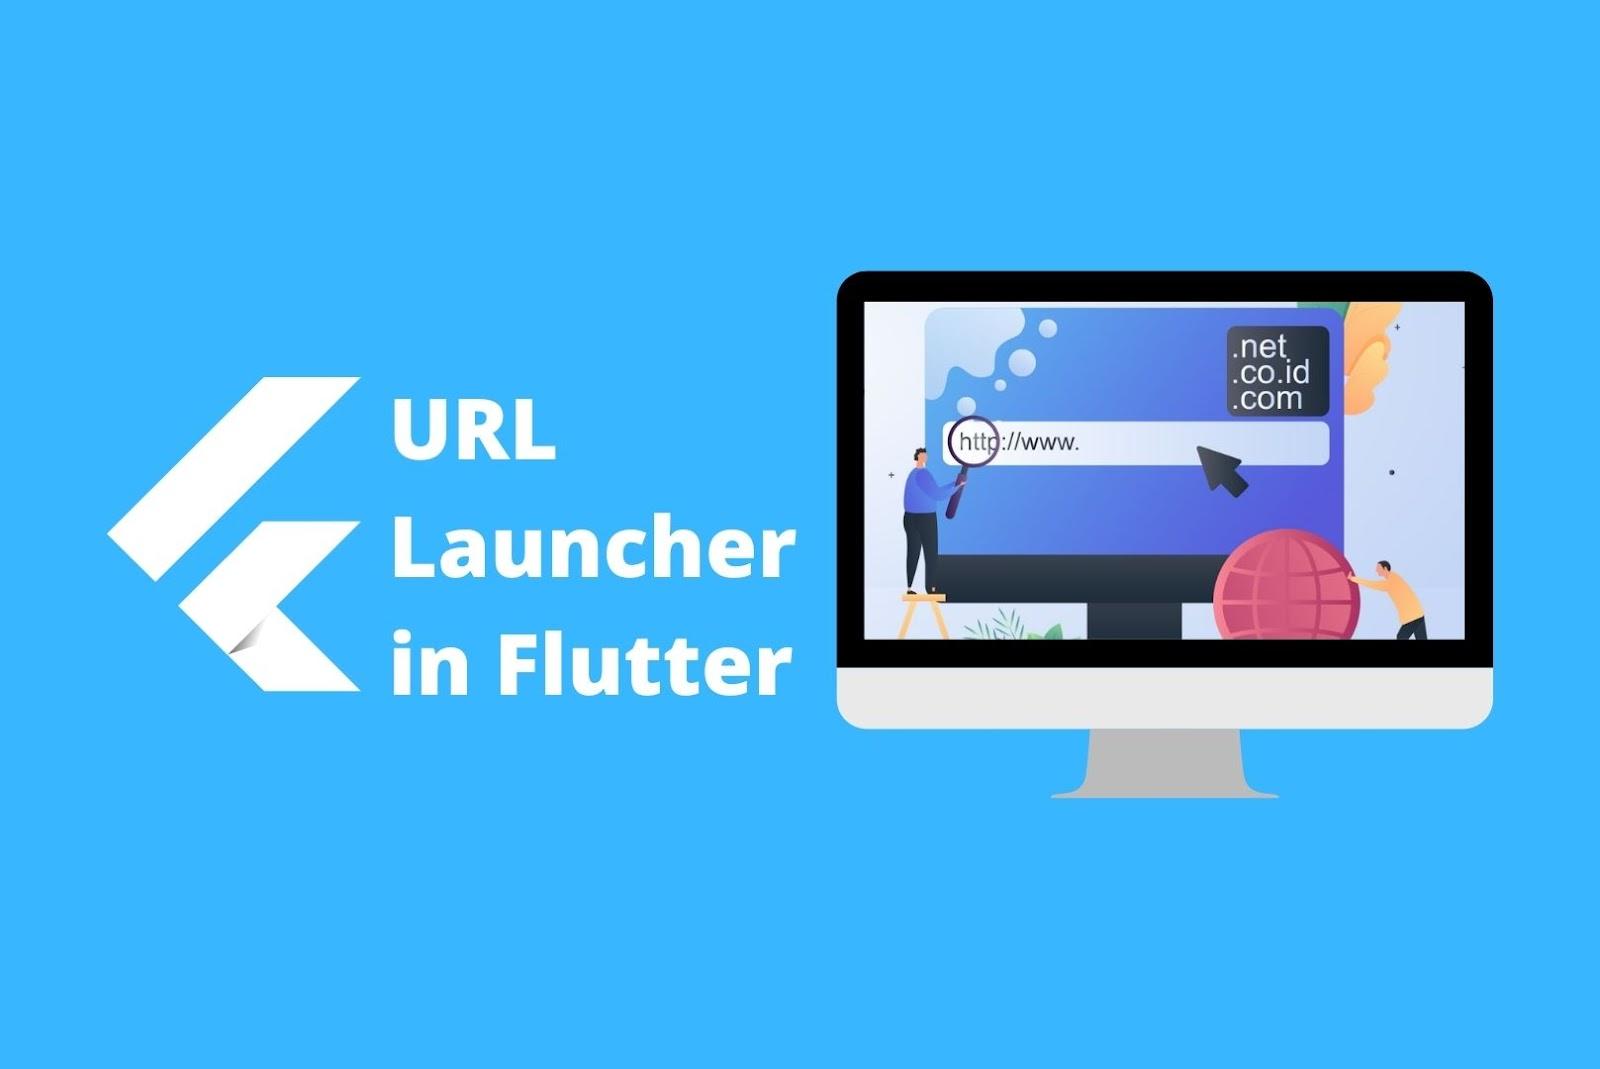 URL Launcher Flutter UI Libraries